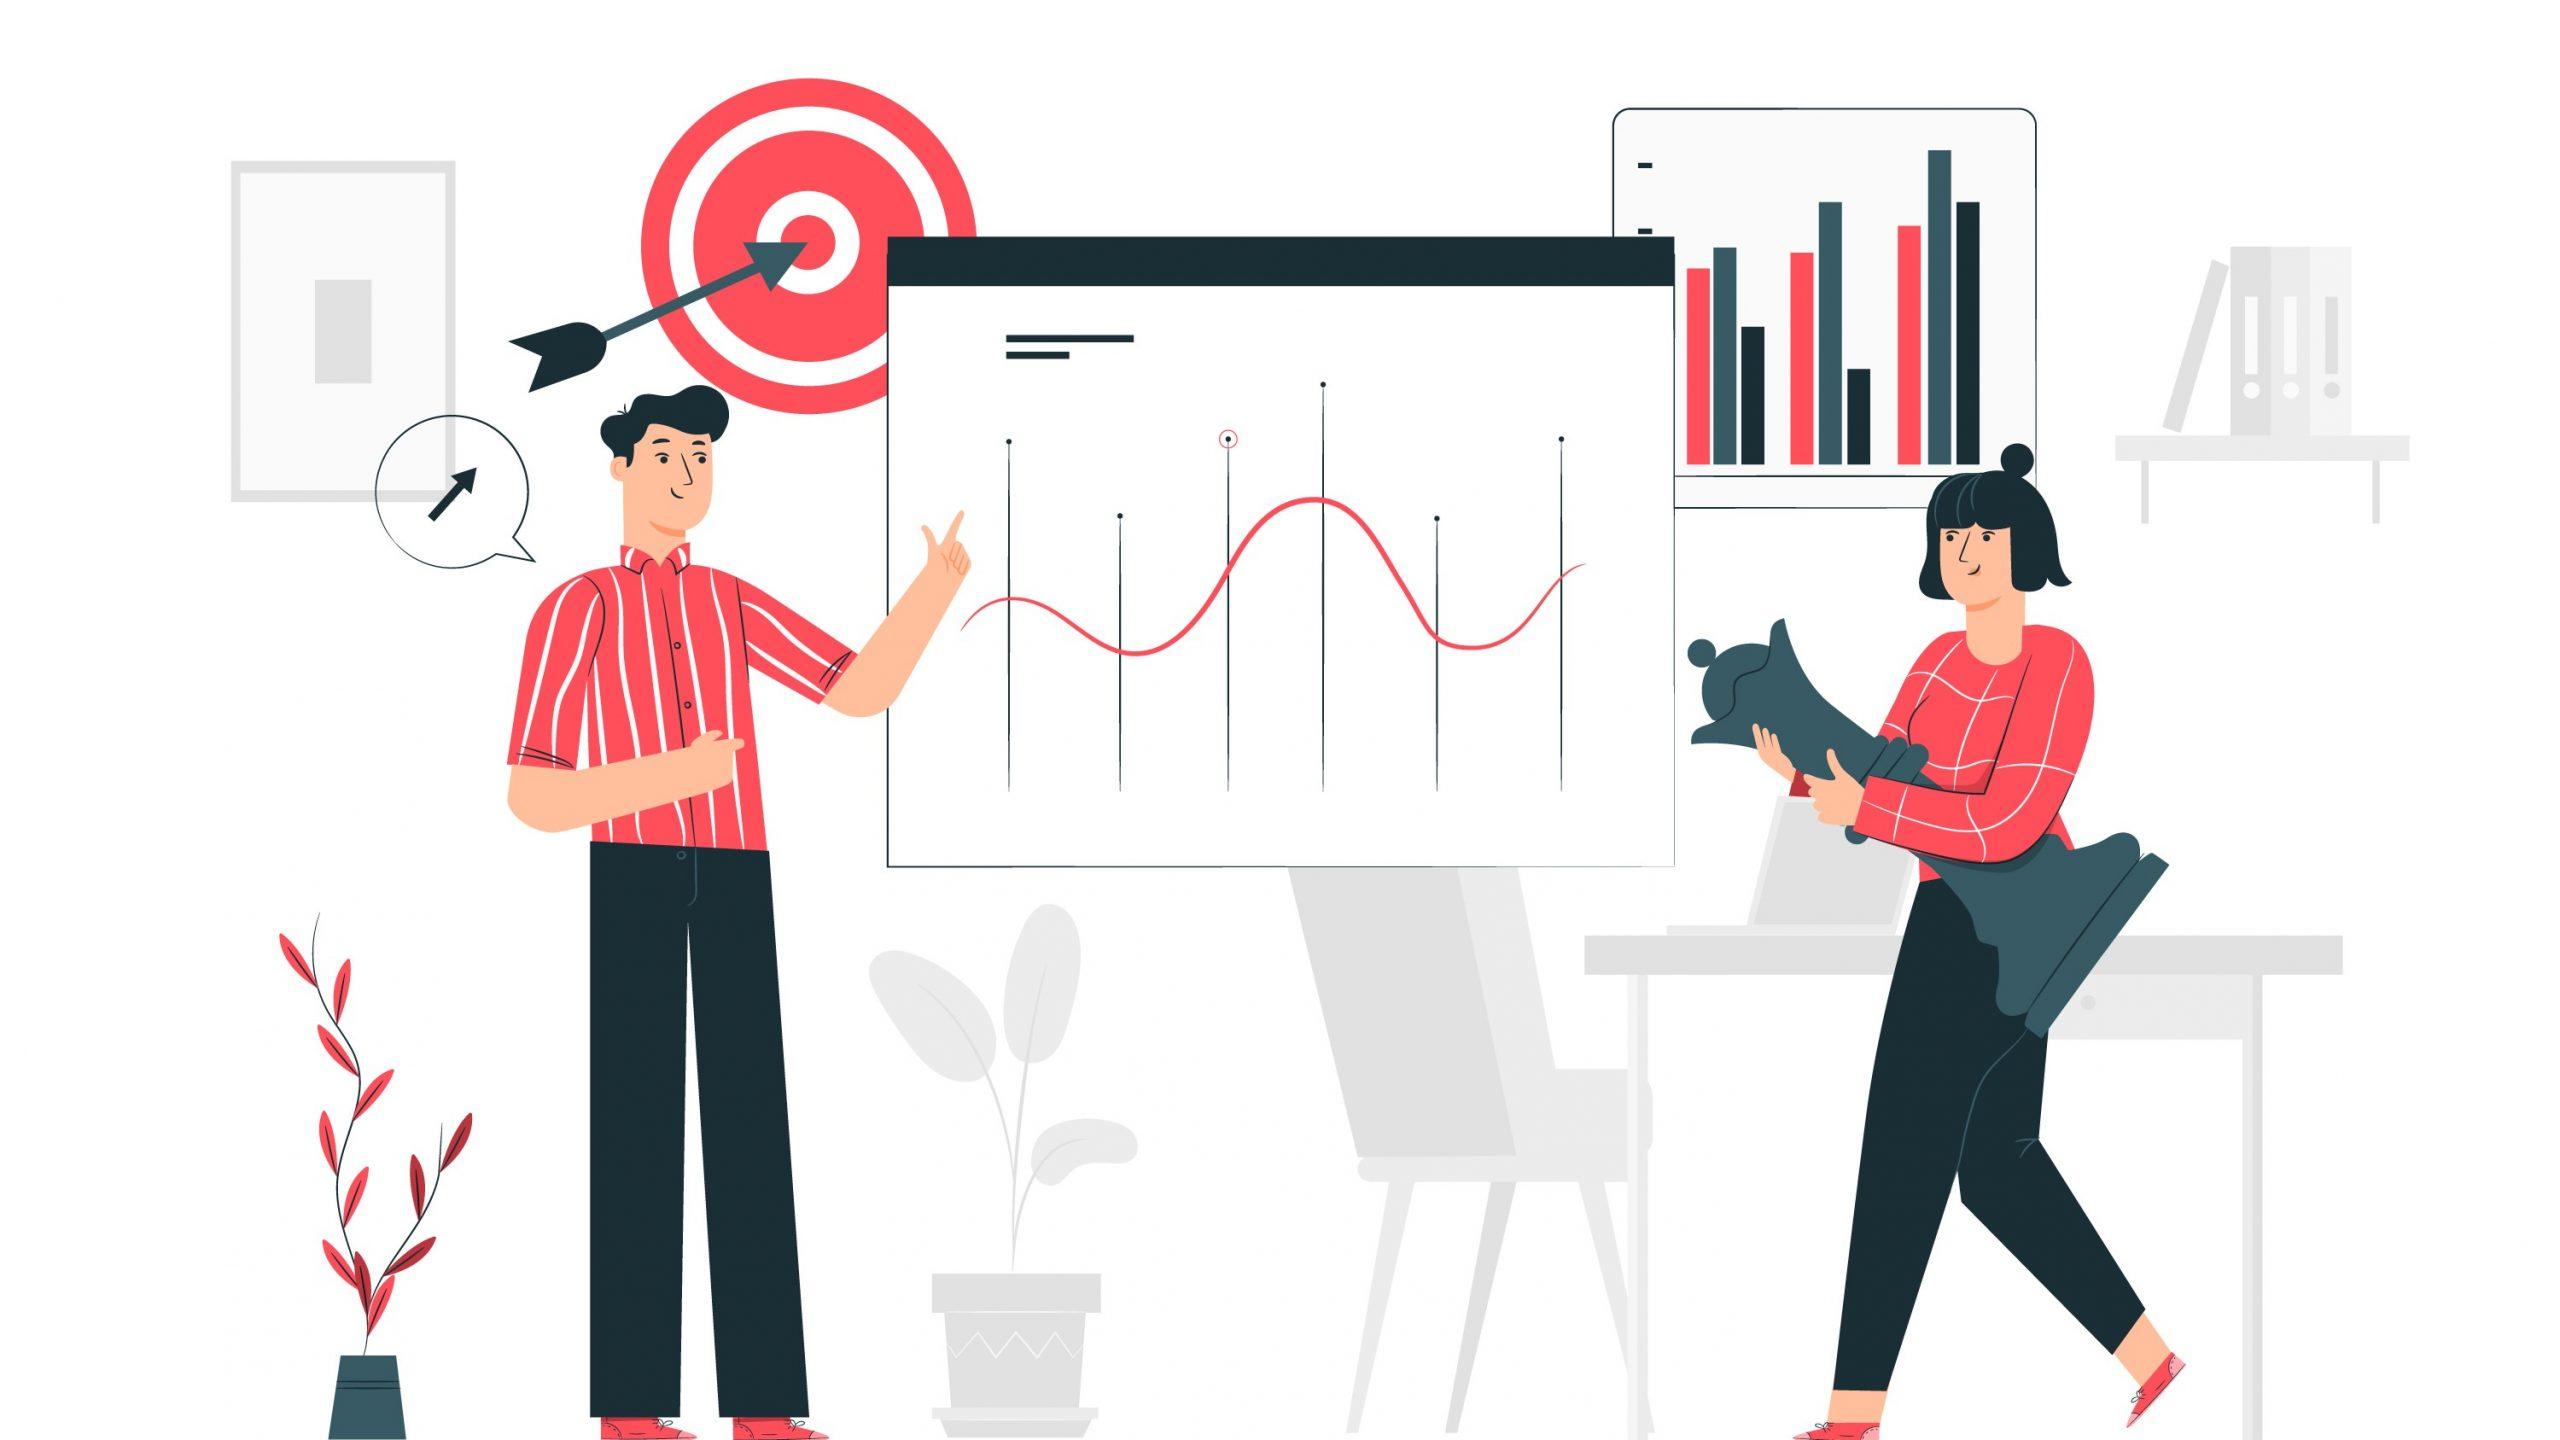 تحلیل استراتژی محتوا چه کاربردی در بازاریابی محتوا دارد؟